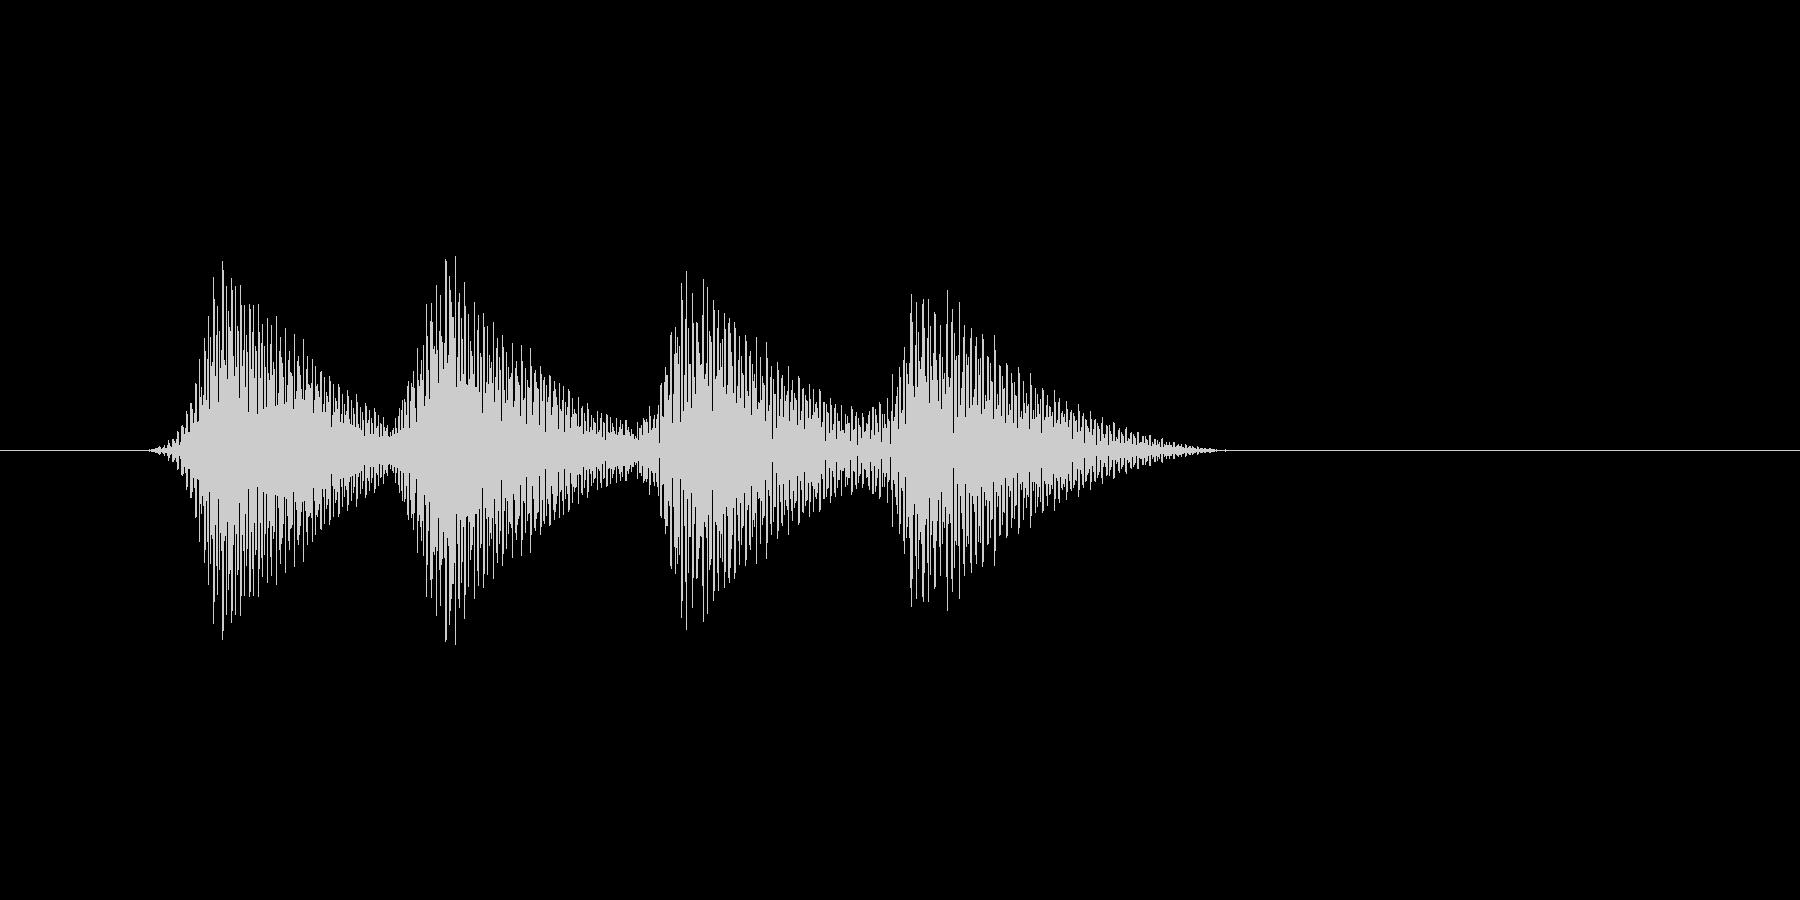 ファミコン風効果音 キャンセル系 15の未再生の波形